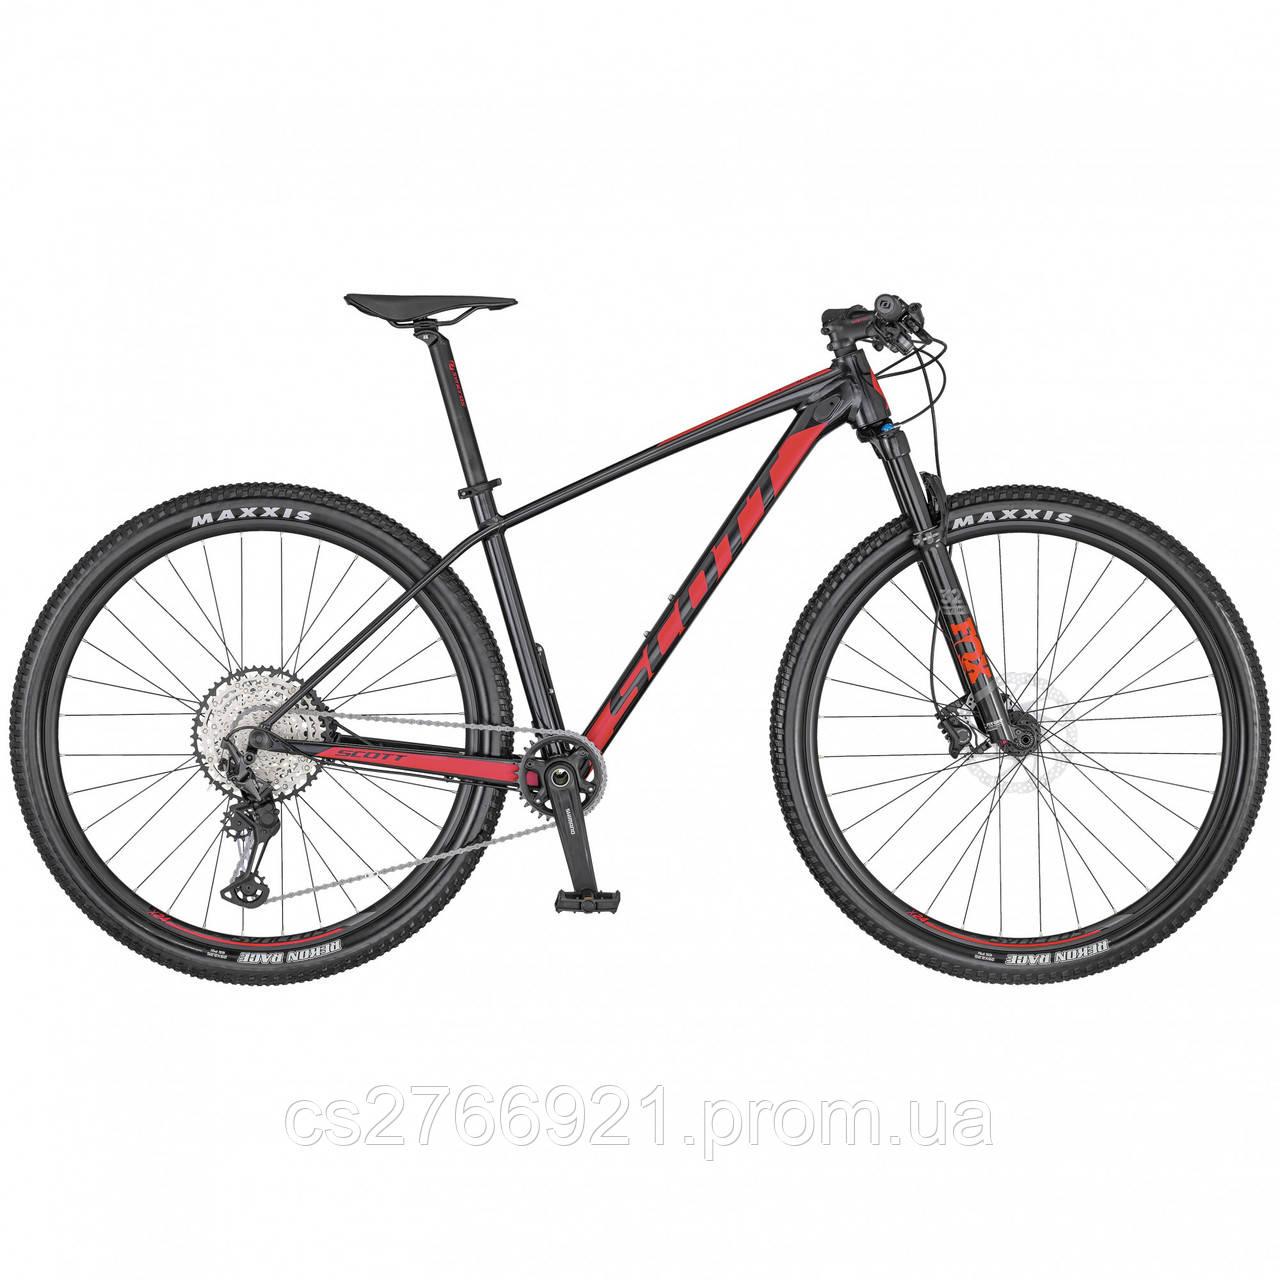 Велосипед SCALE 950 (CN) 20 SCOTT